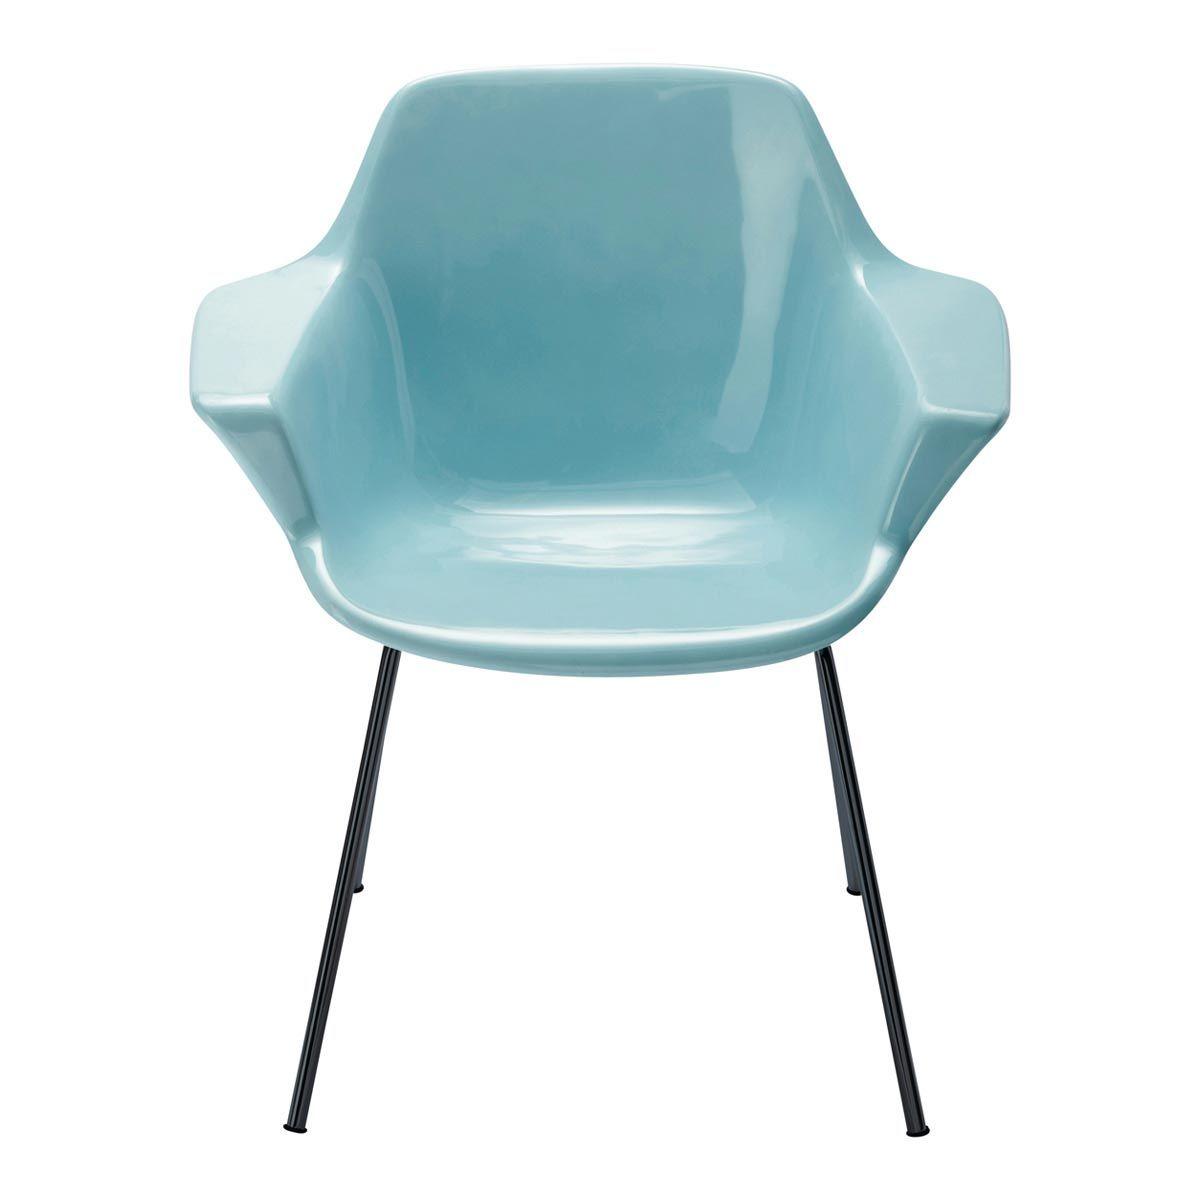 Armchairs Debs 50th Bday Ideas Blue Armchair Armchair